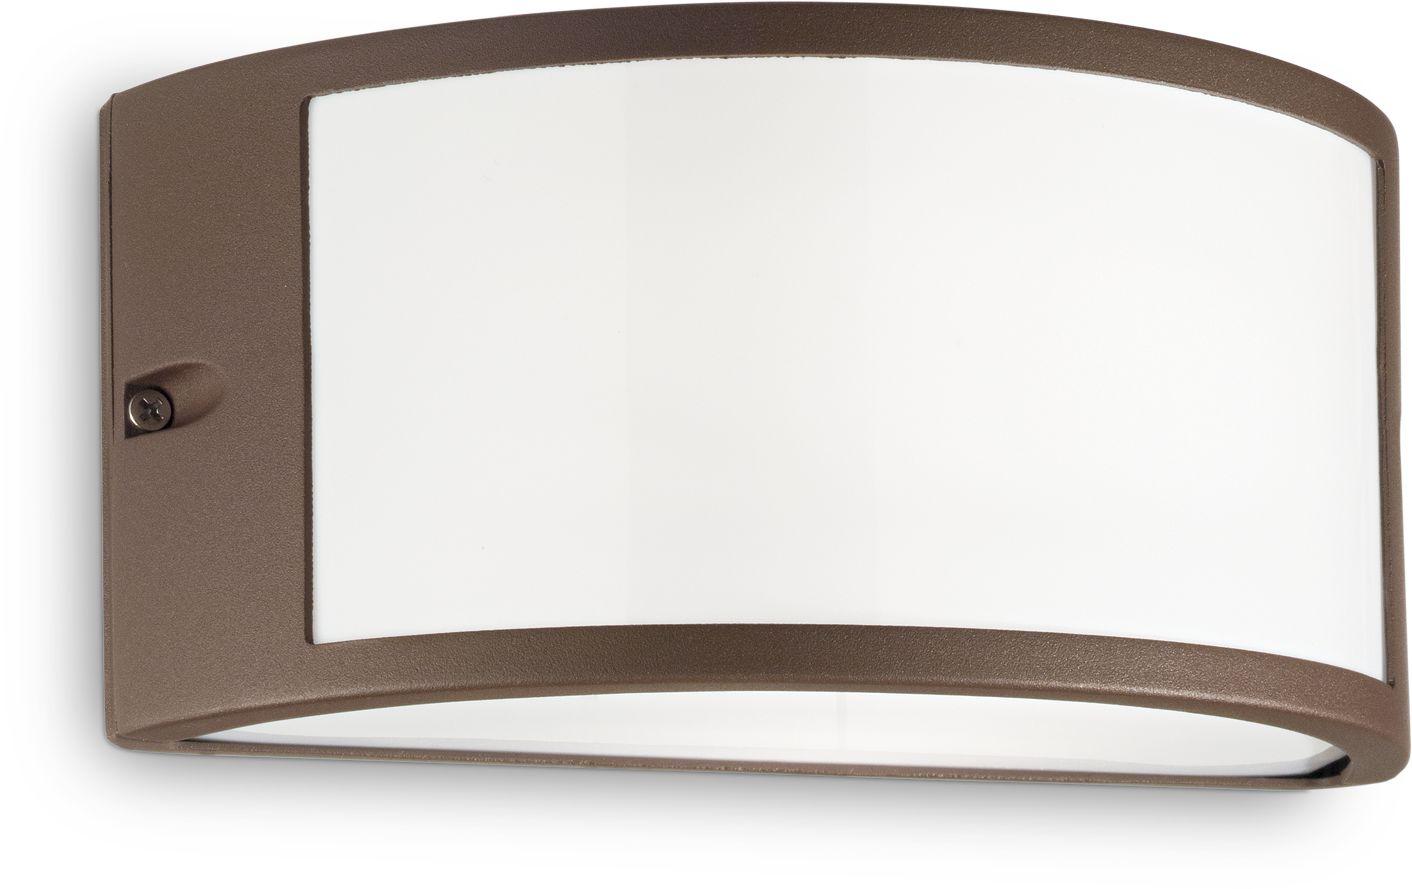 Kinkiet Rex-1 AP1 213217 Ideal Lux nowoczesna oprawa zewnętrzna w kolorze kawowym